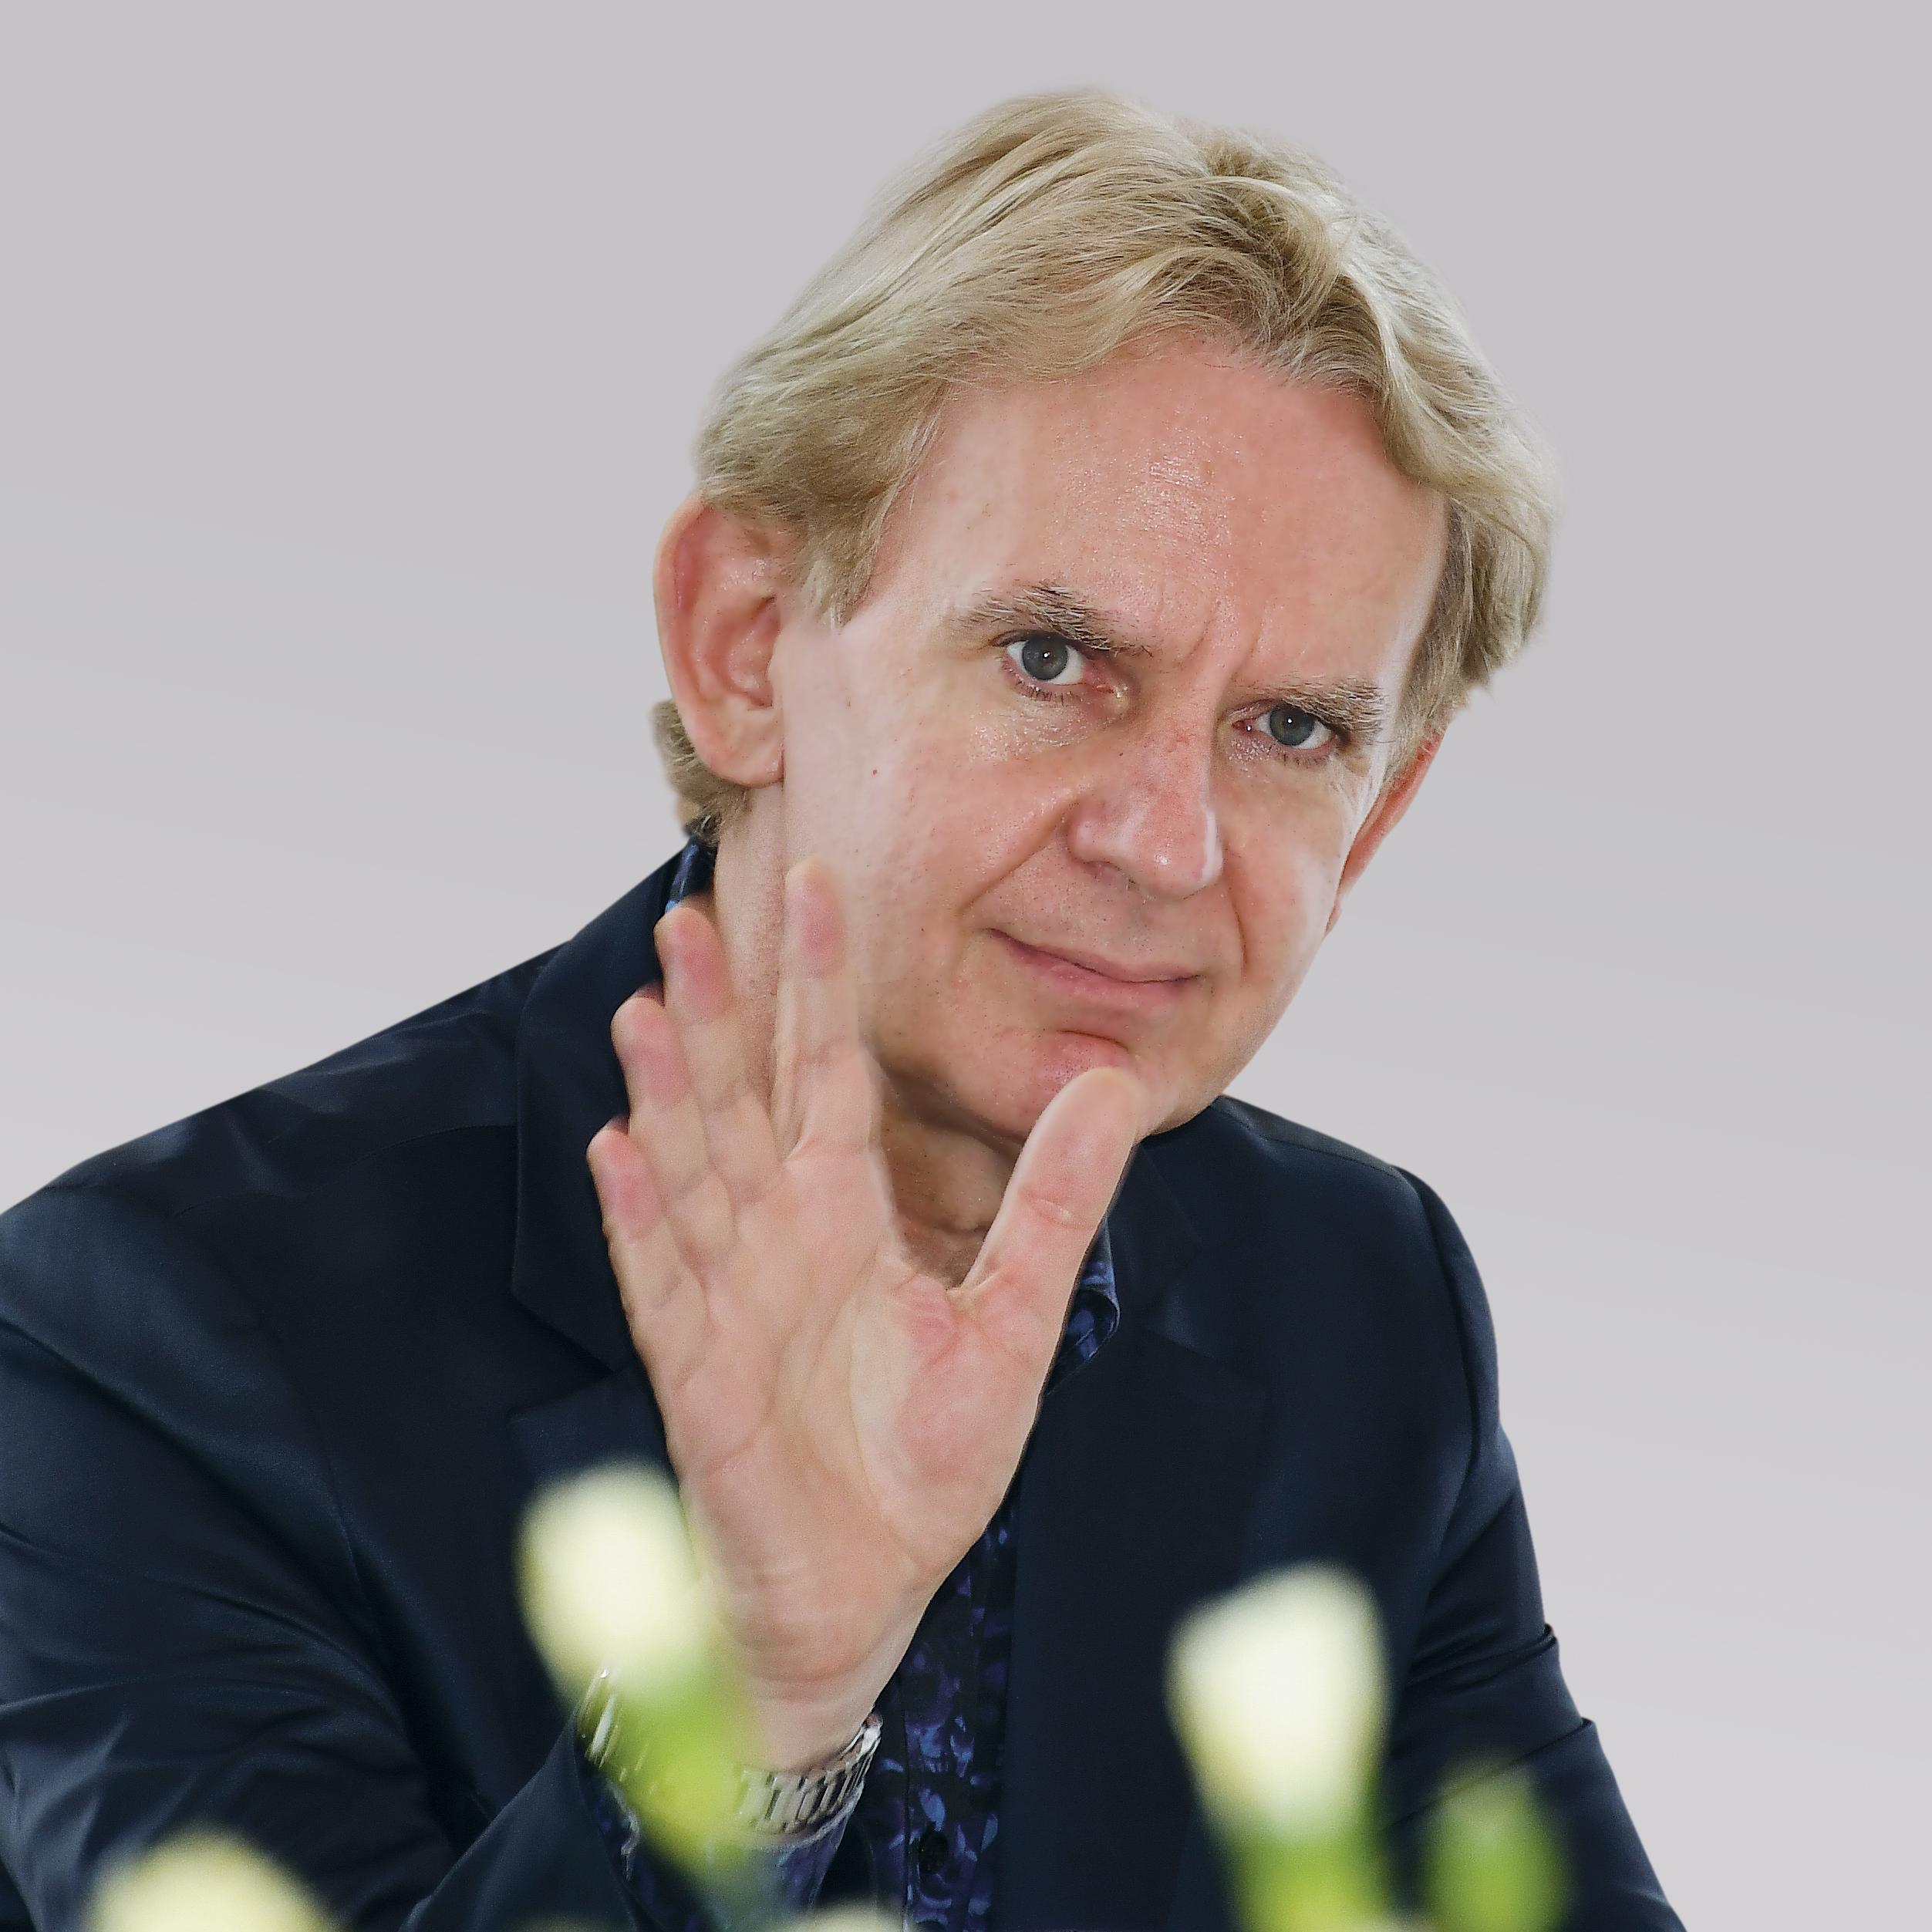 Andrzej Sokolewicz